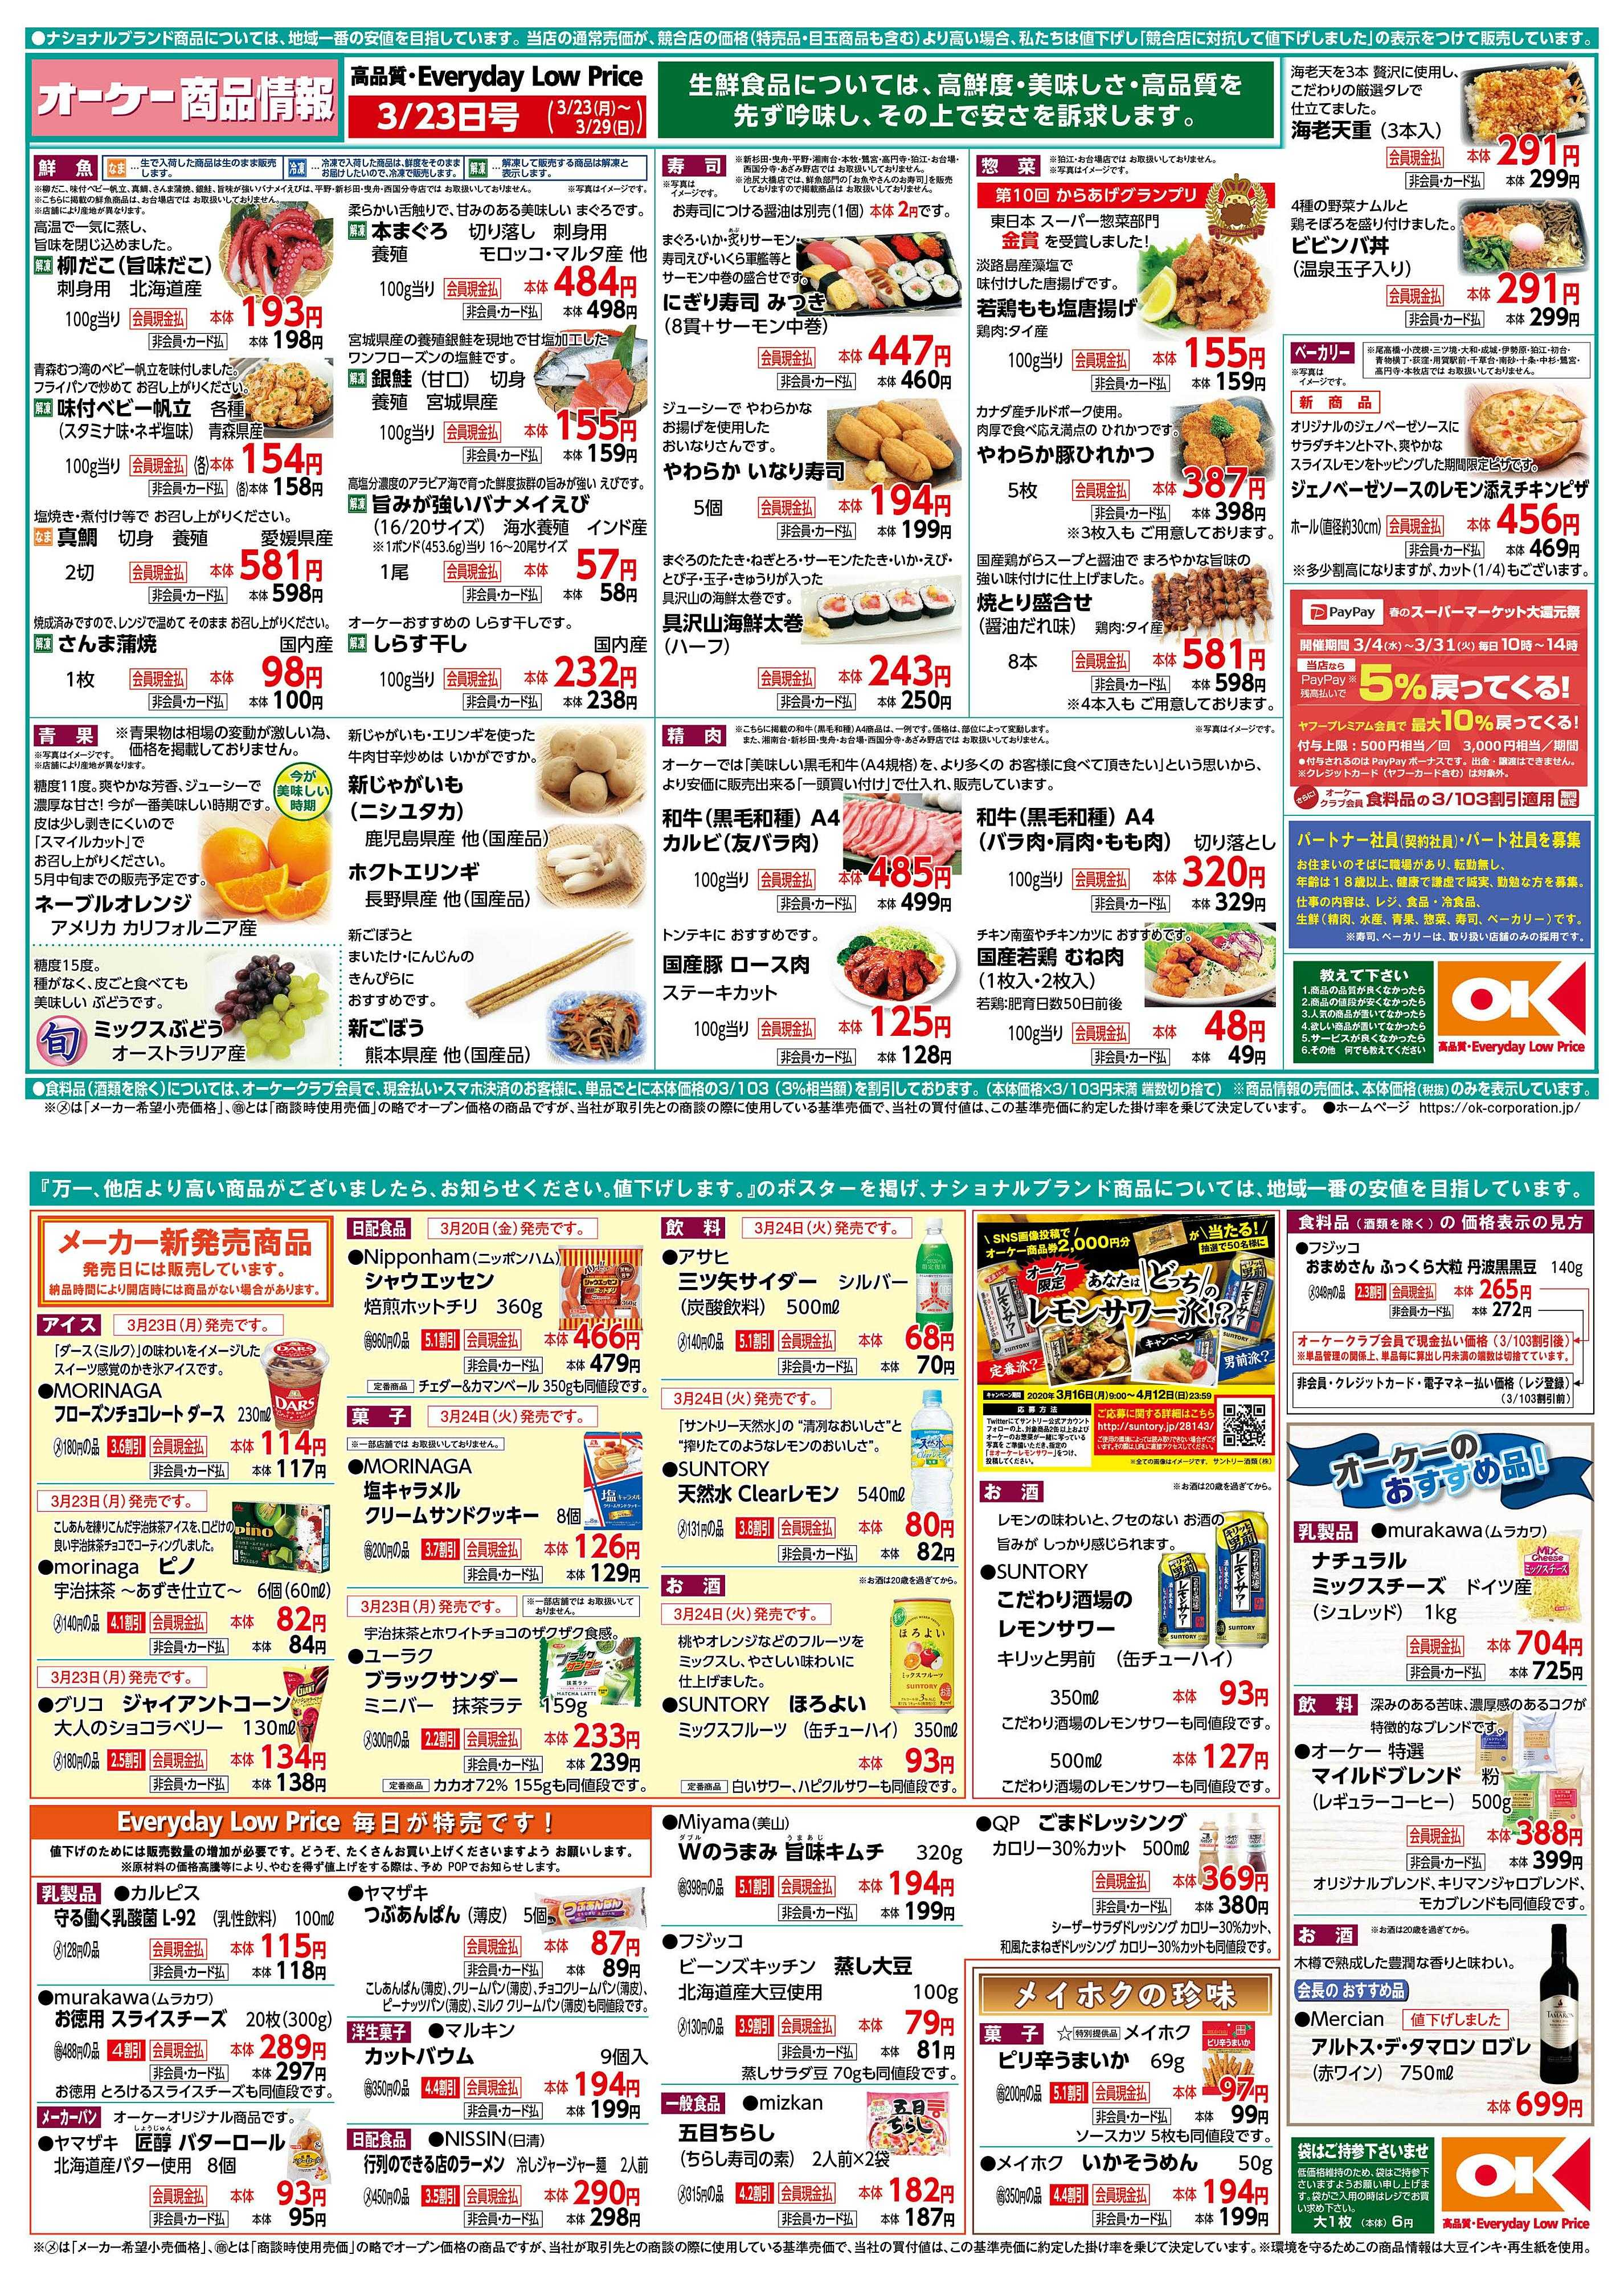 オーケー 商品情報紙3月23日号